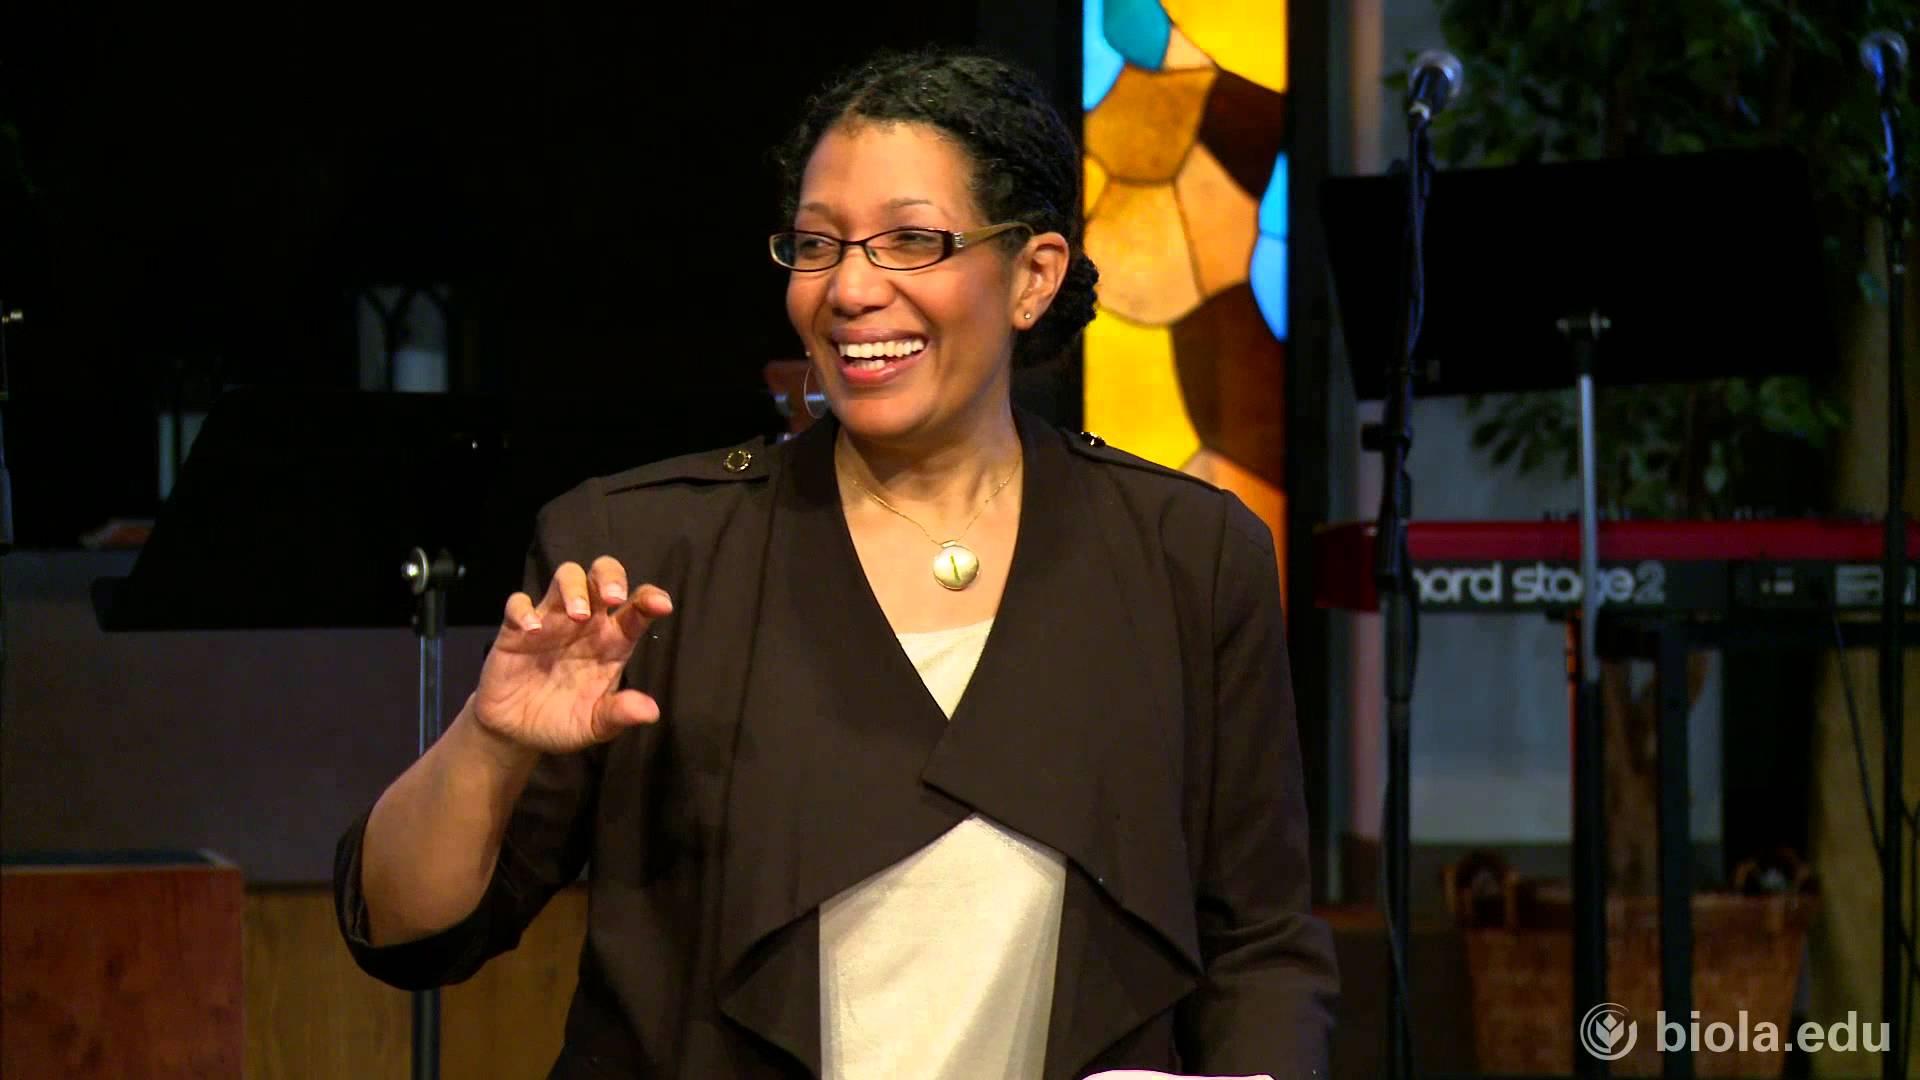 lisa sharon harper speaking smiling.jpg